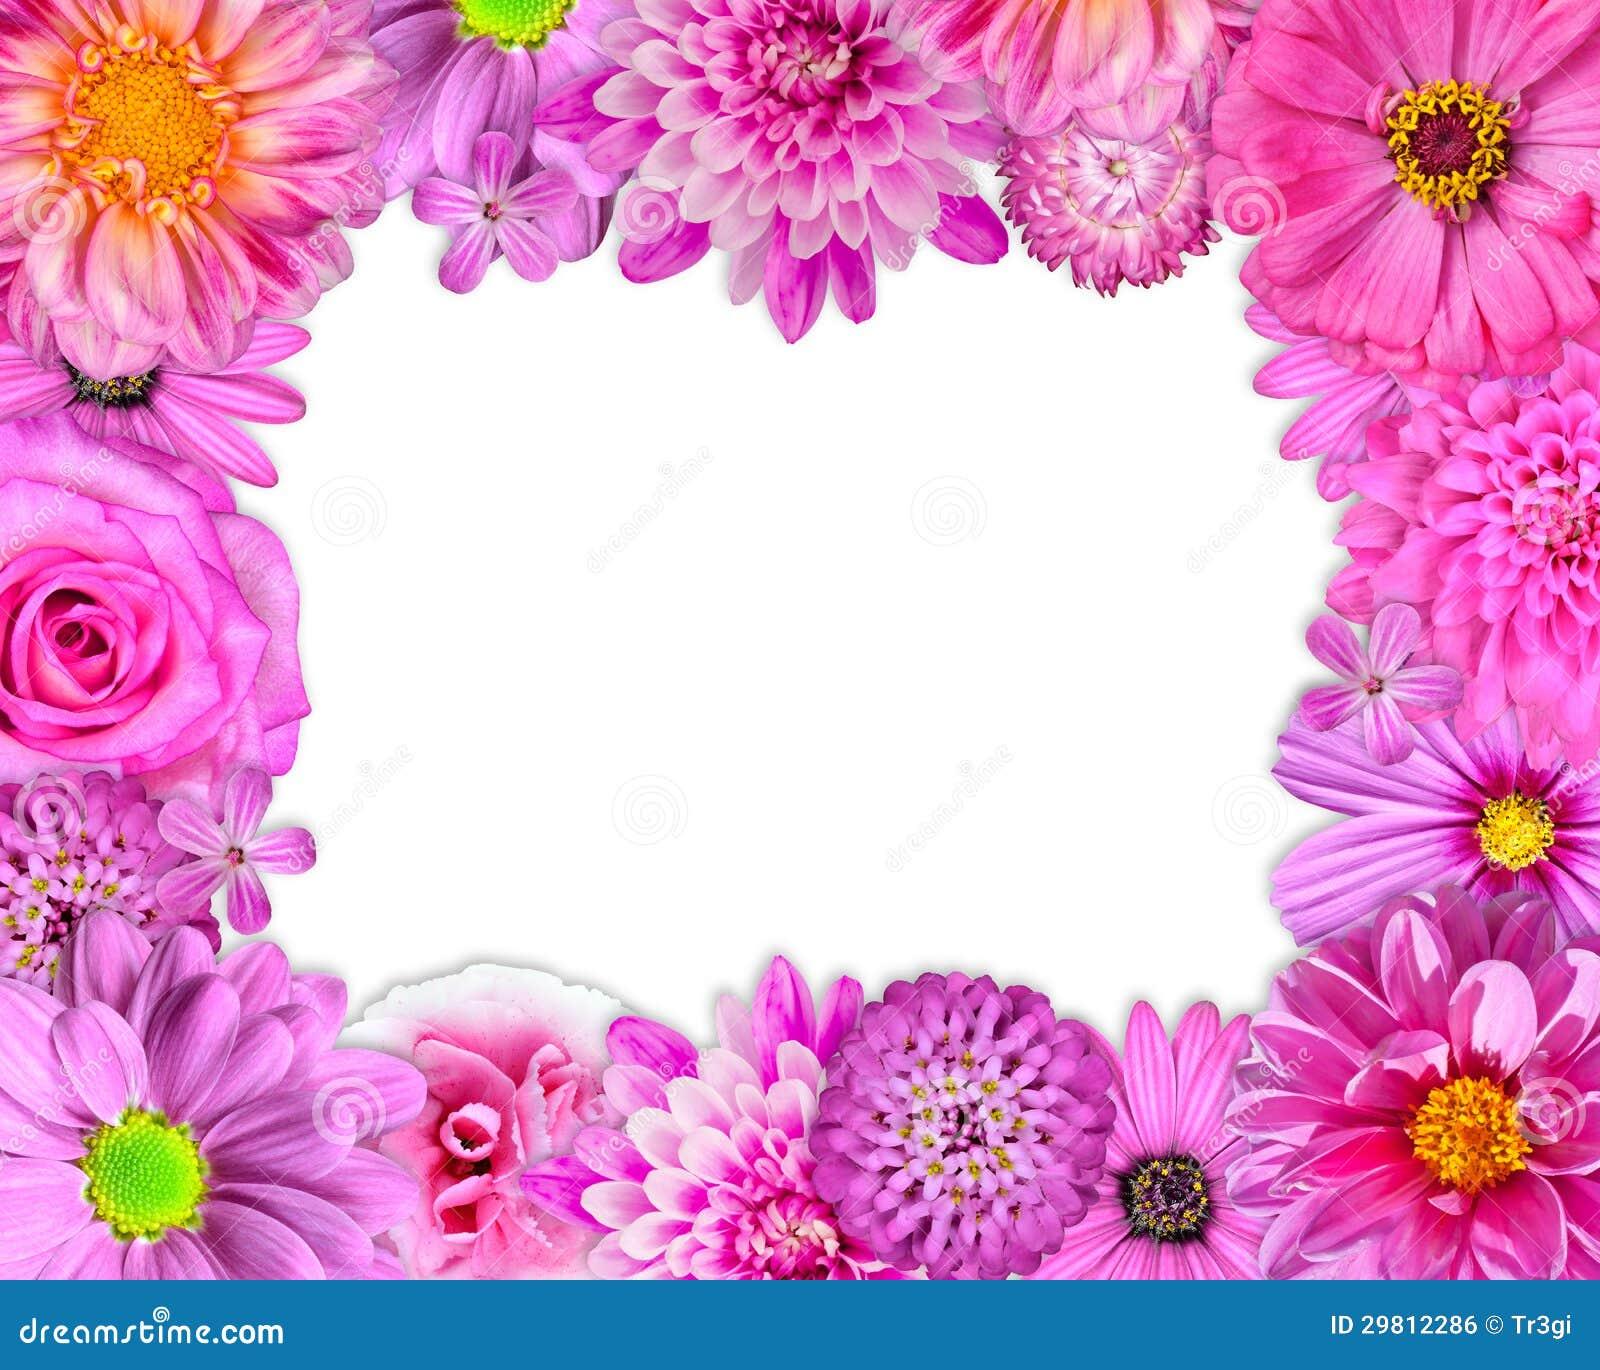 blumen rahmen rosa purpur rote blumen auf wei stockfoto bild 29812286. Black Bedroom Furniture Sets. Home Design Ideas